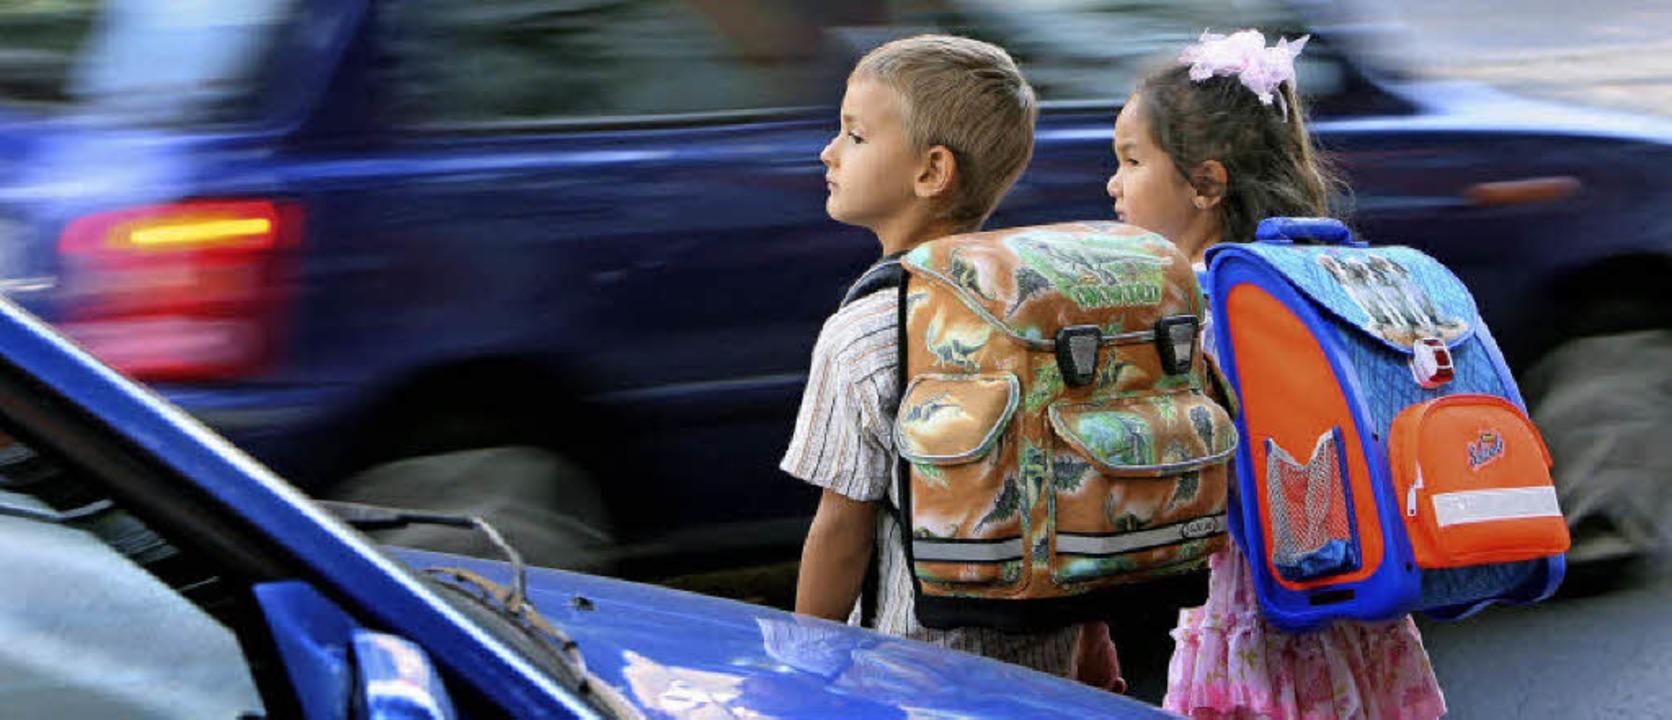 Kinder auf dem Schulweg – Ihnen ...ent der Verkehrswacht ganz besonders.   | Foto: dpa (patrick pleul)